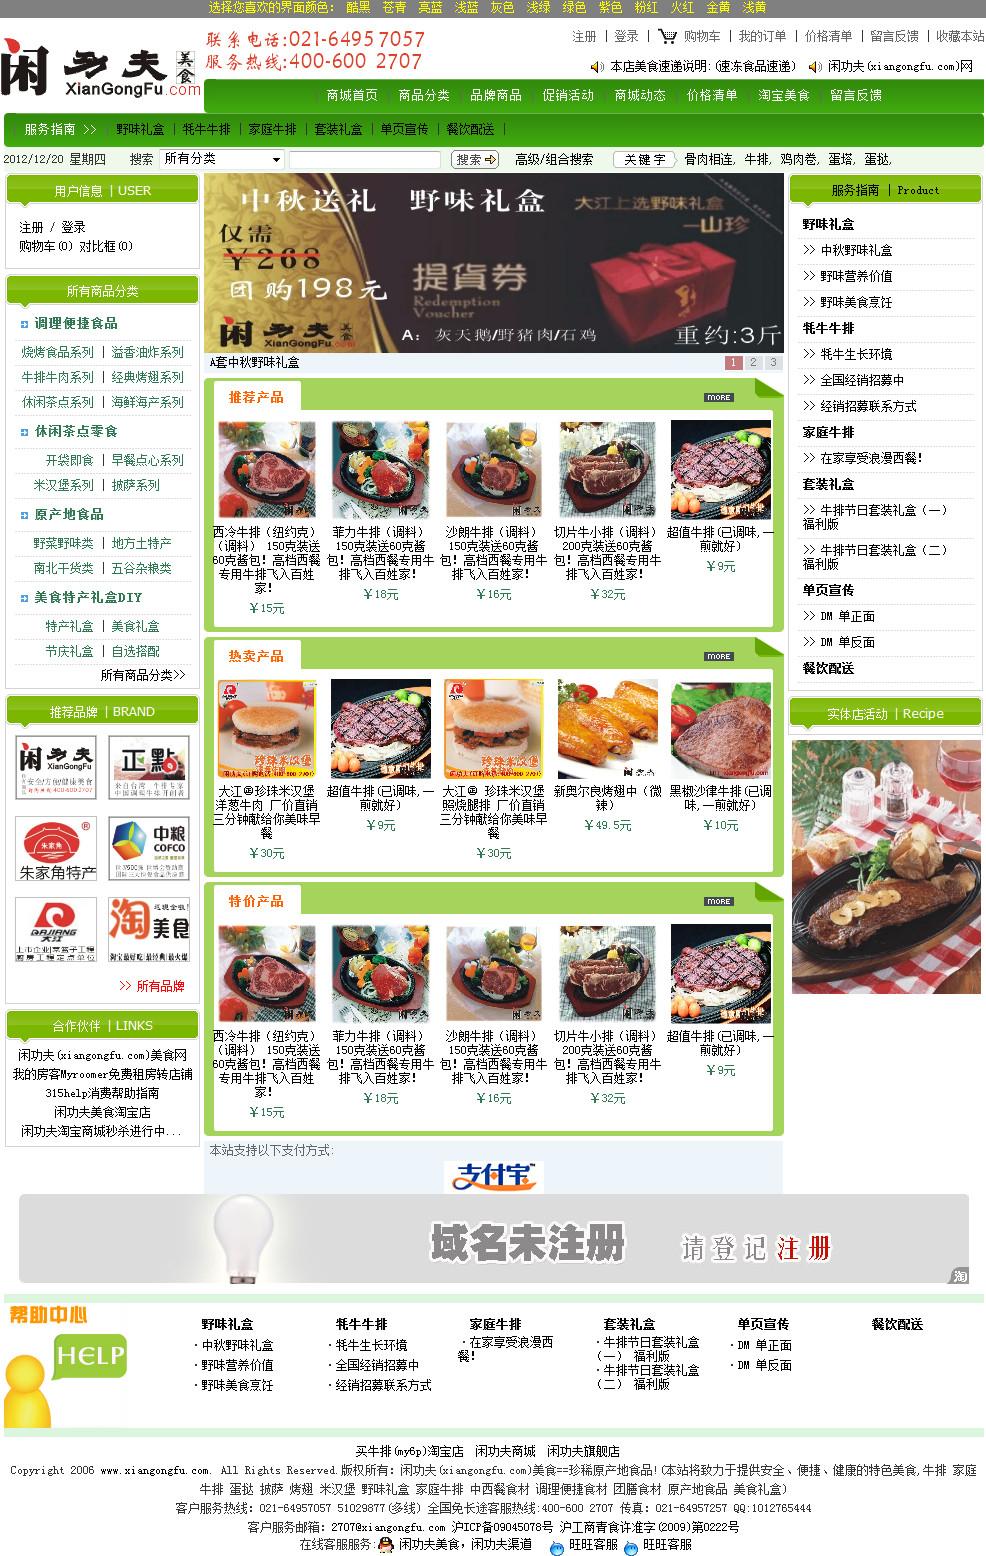 美食商城网站源码 asp源码